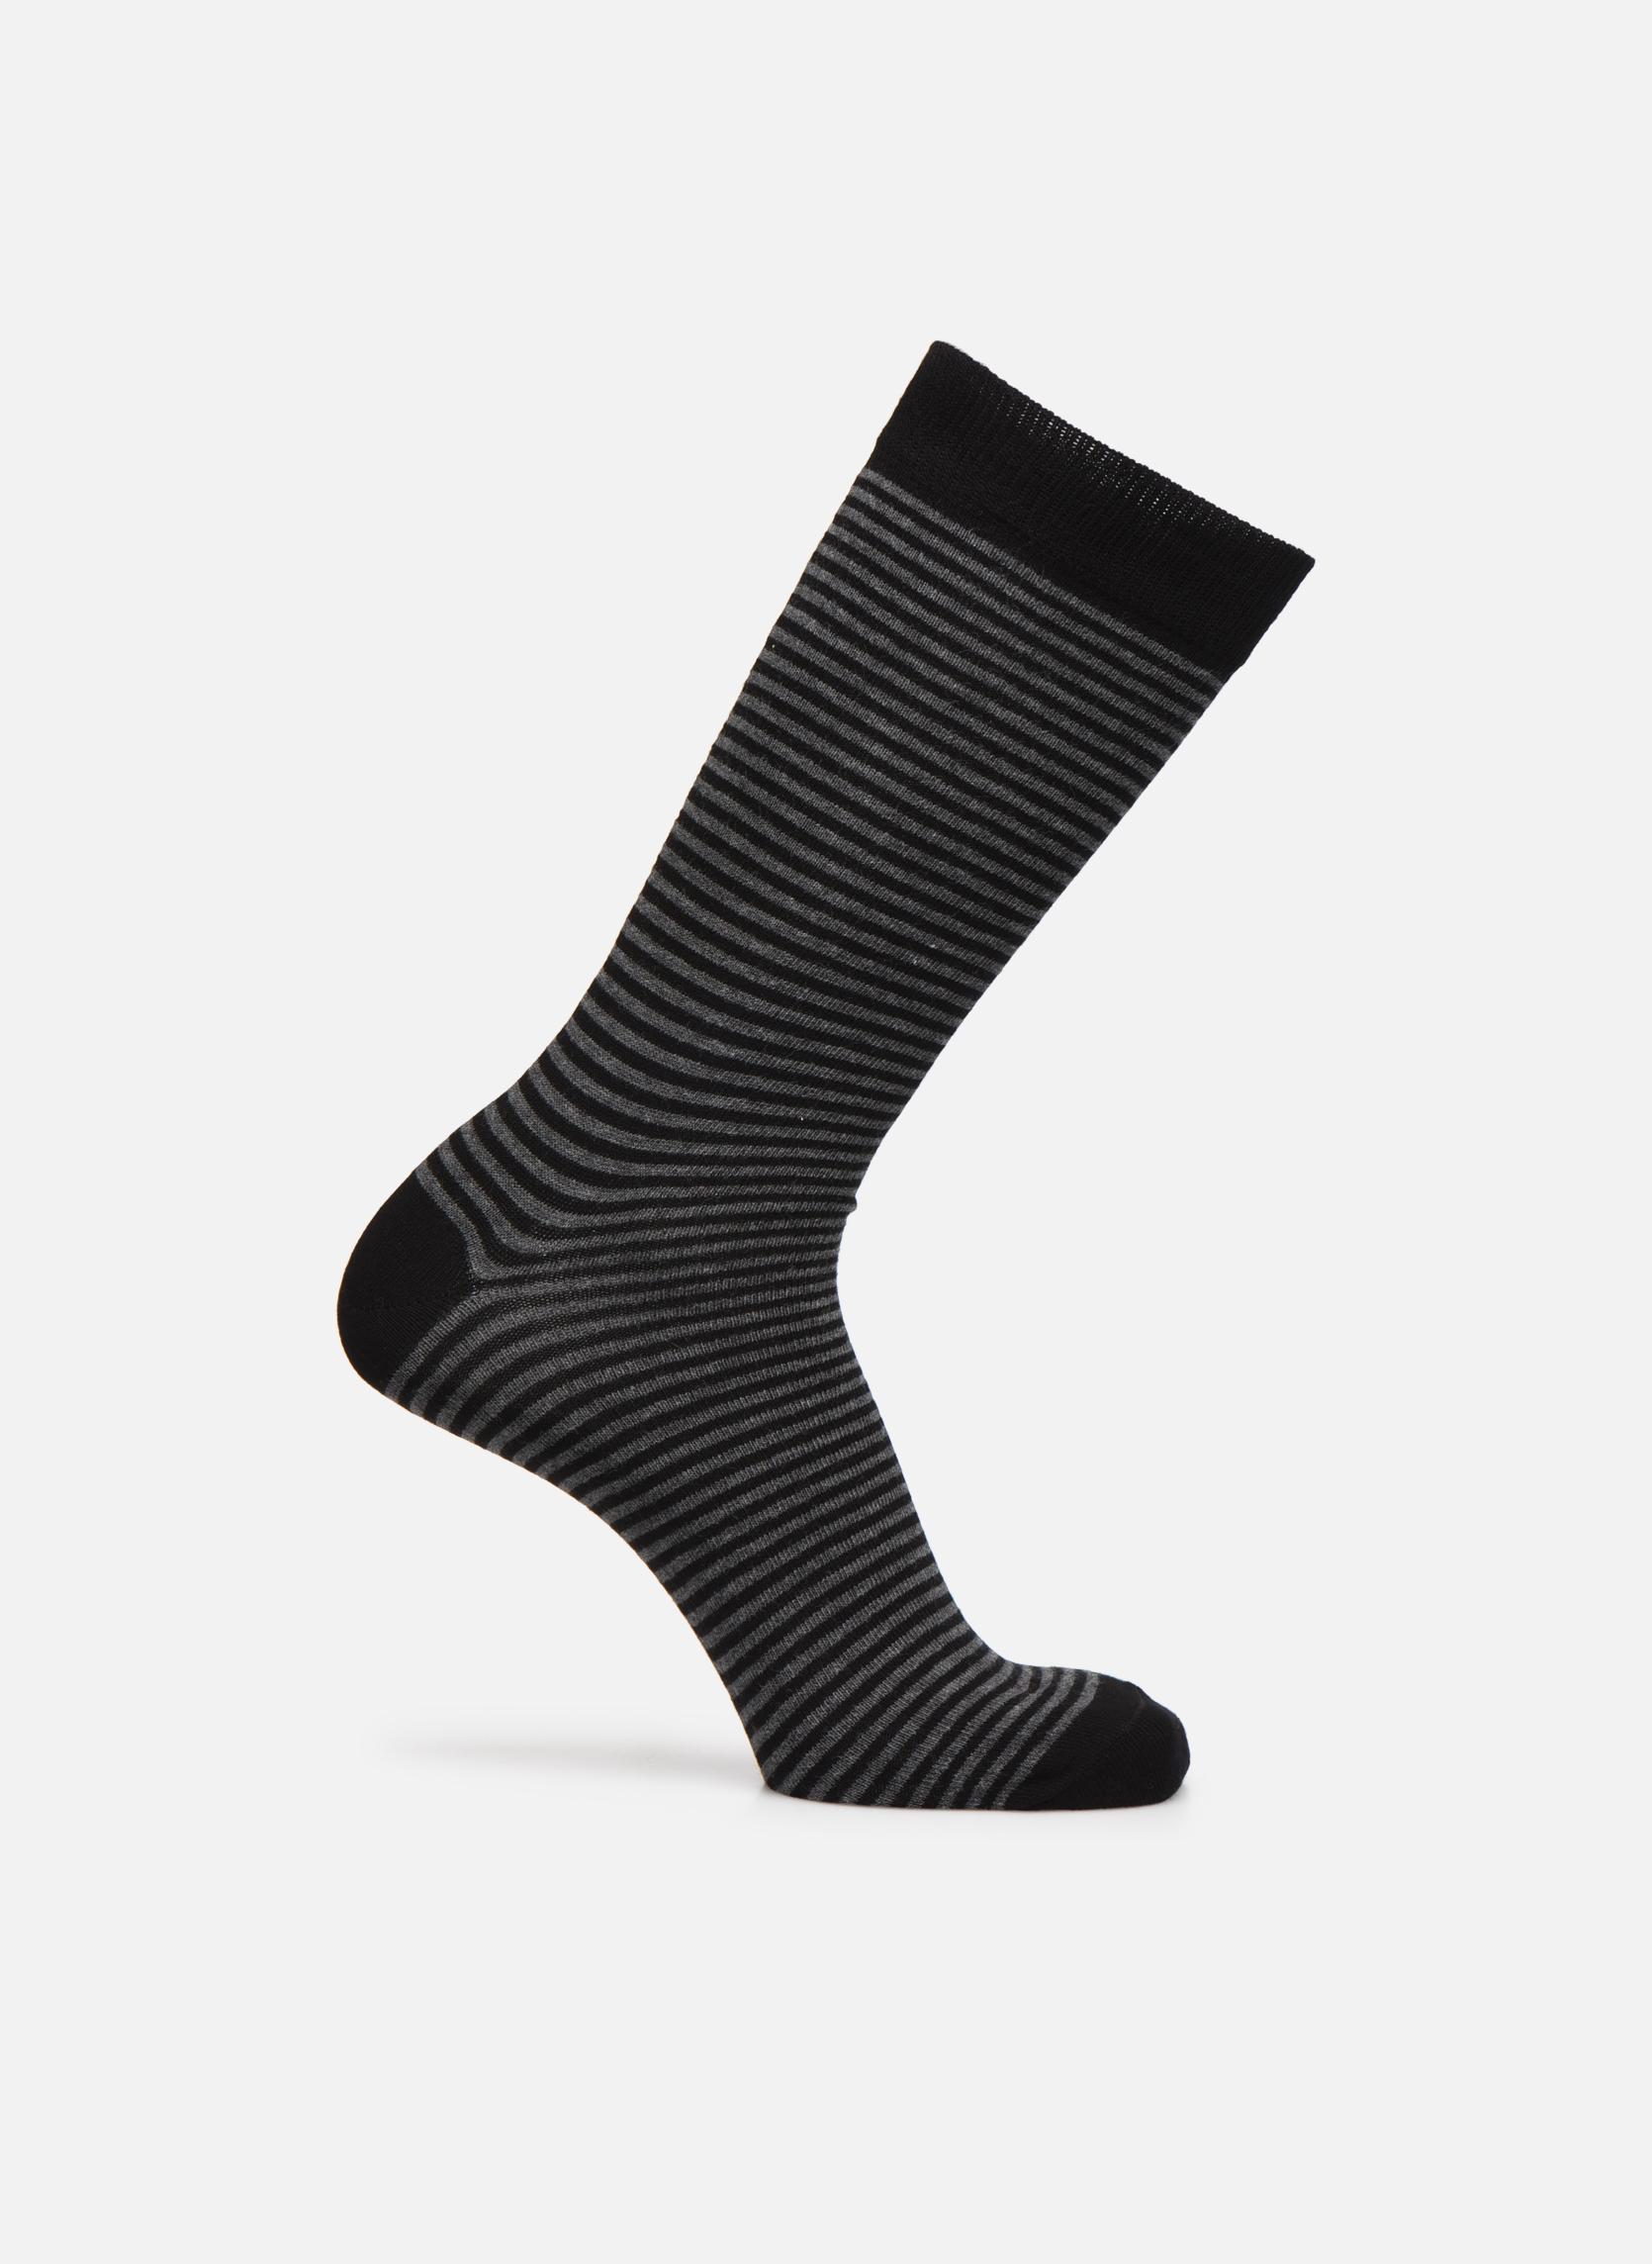 Chaussettes FINE STRIPES 093 - noir / gris